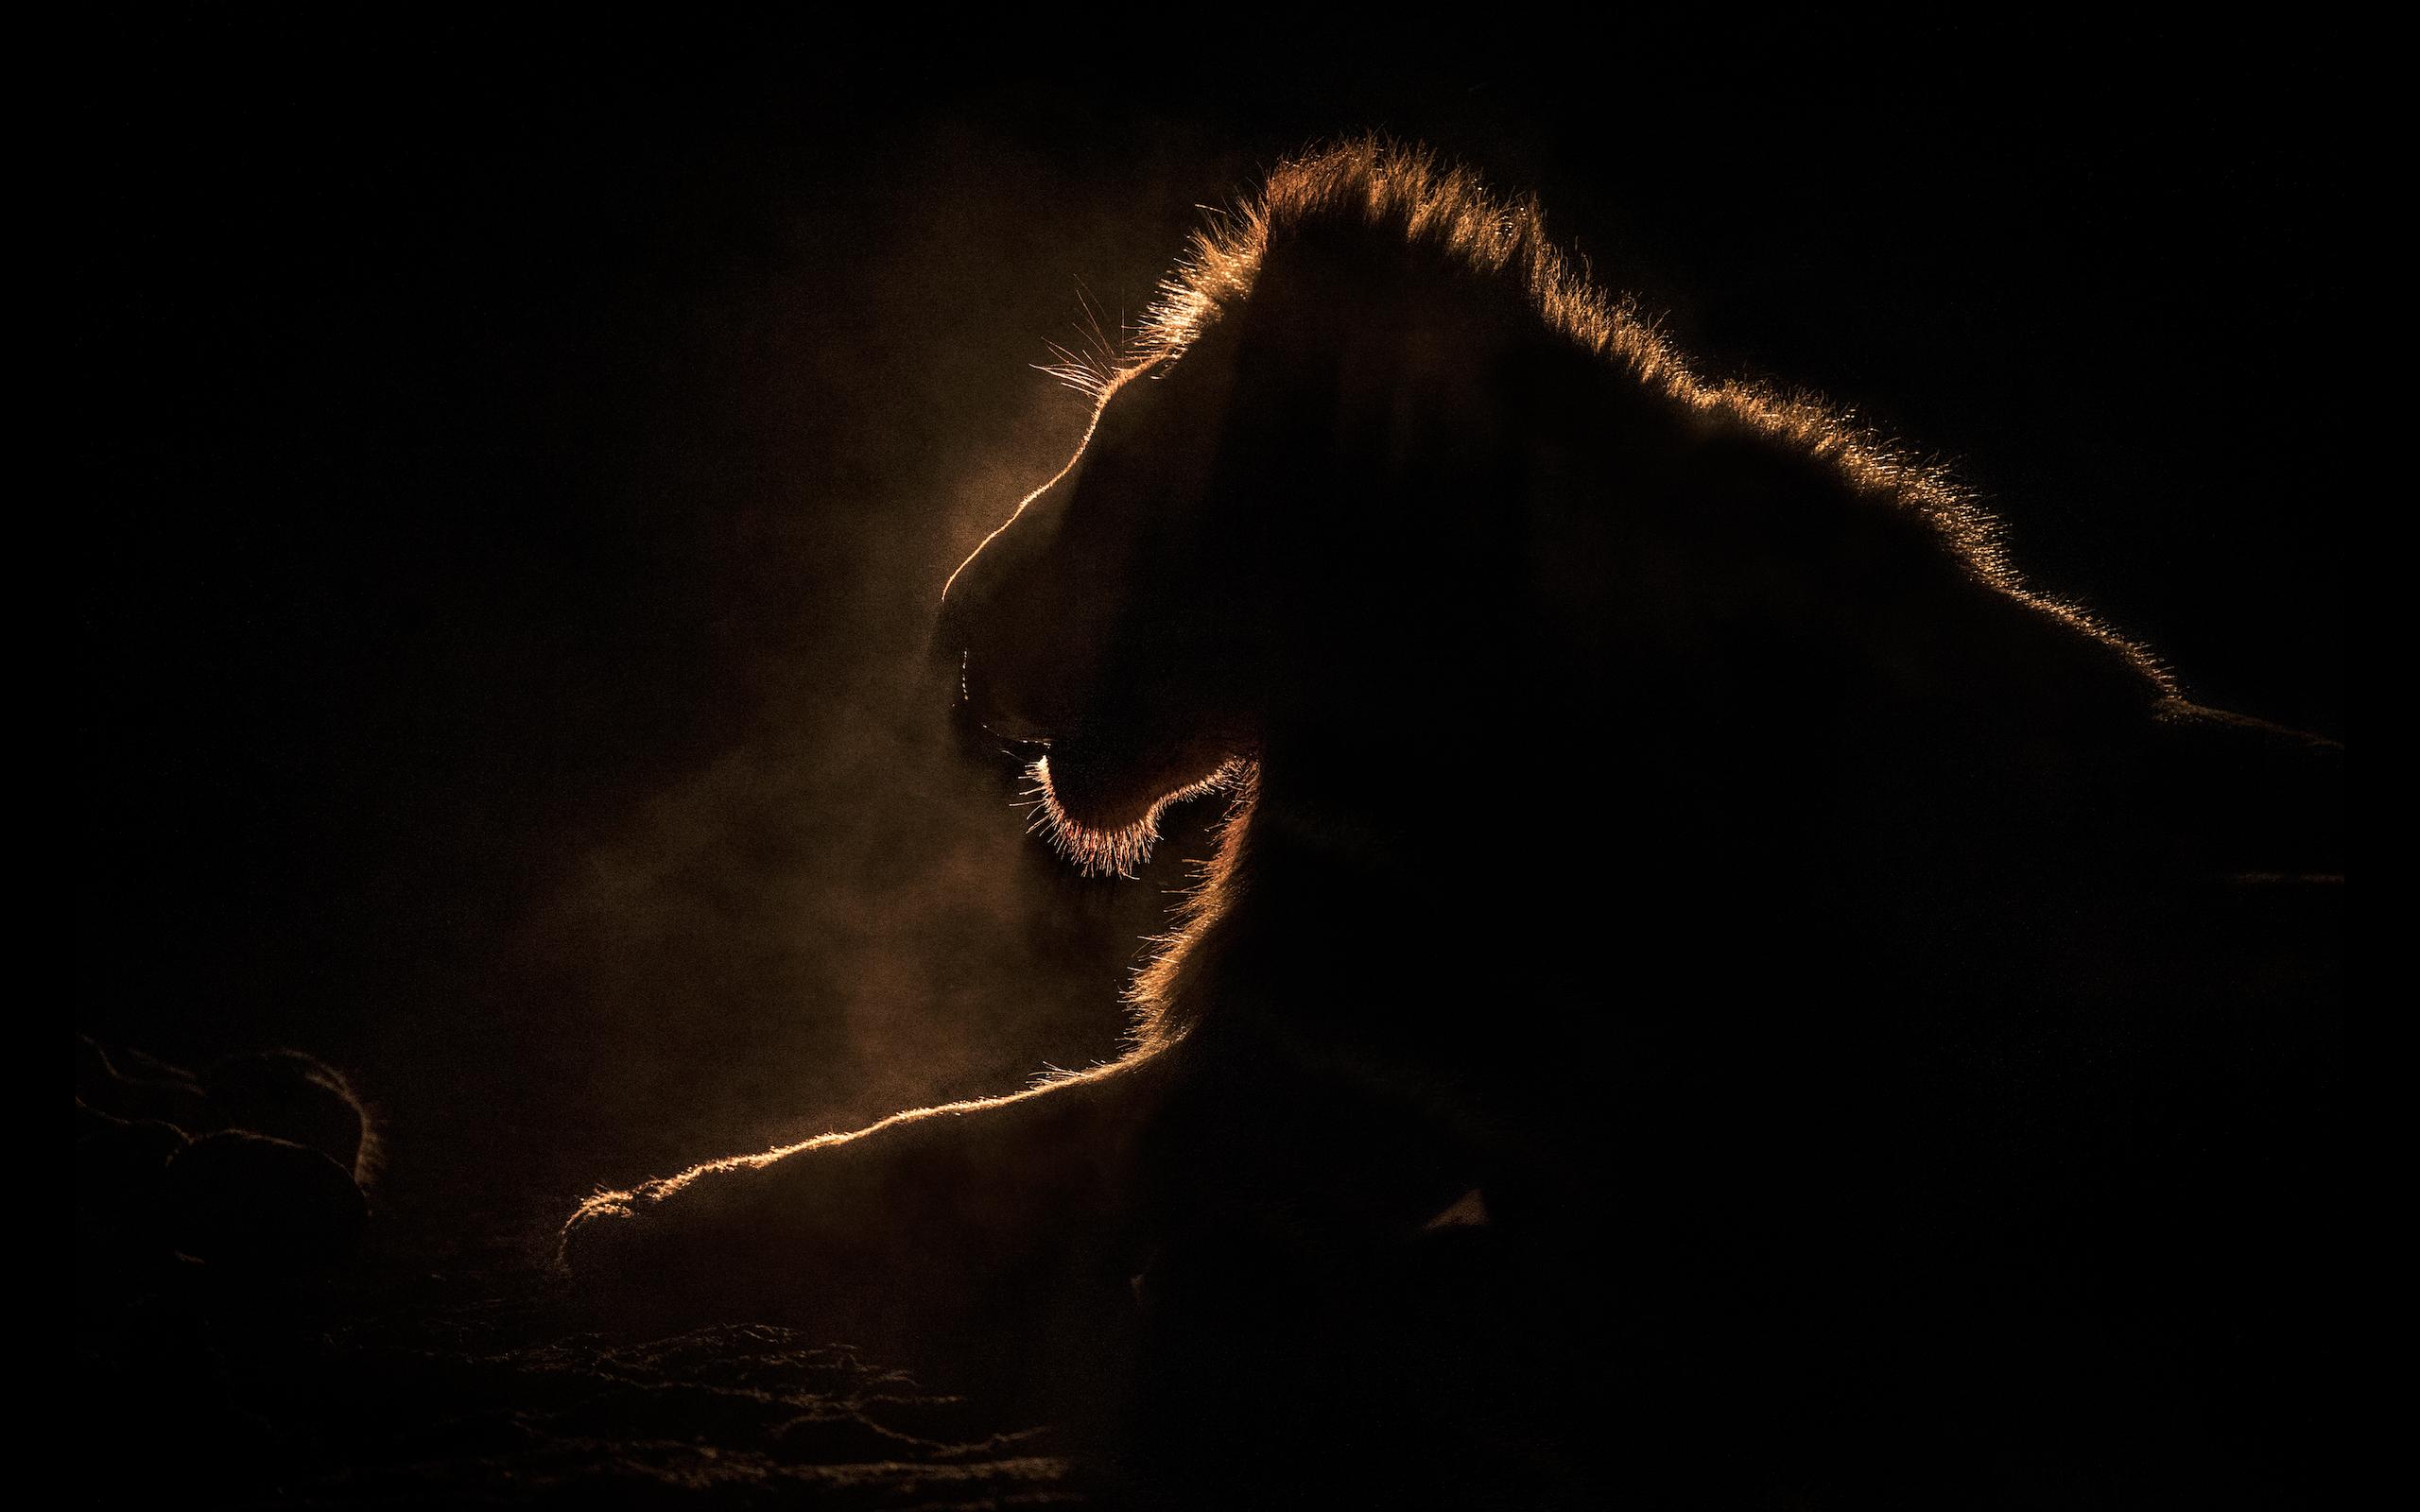 Dark Wall - Night Hunter